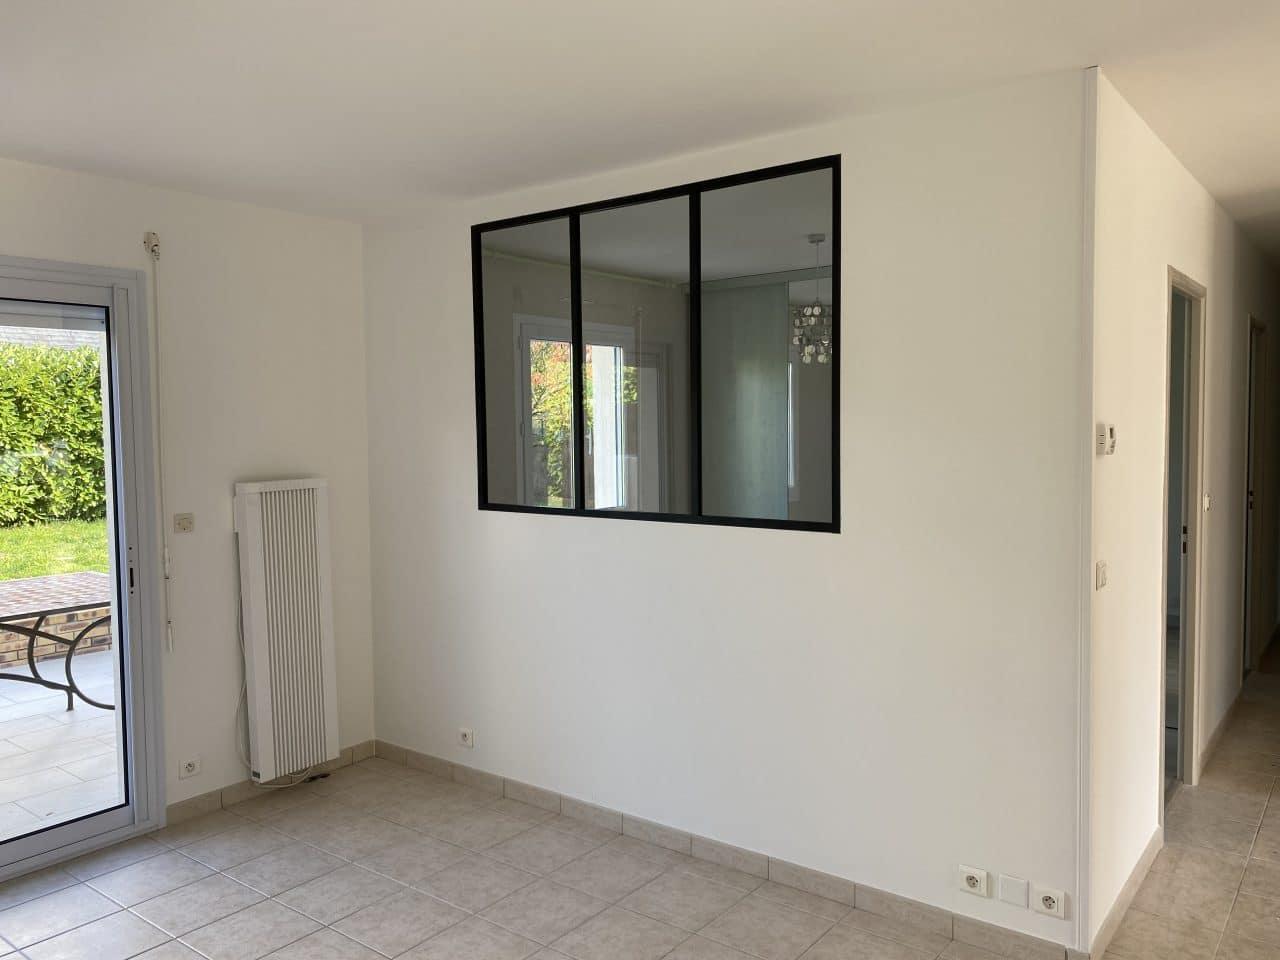 rénovation partielle d'une maison à Luynes - verrière intérieure